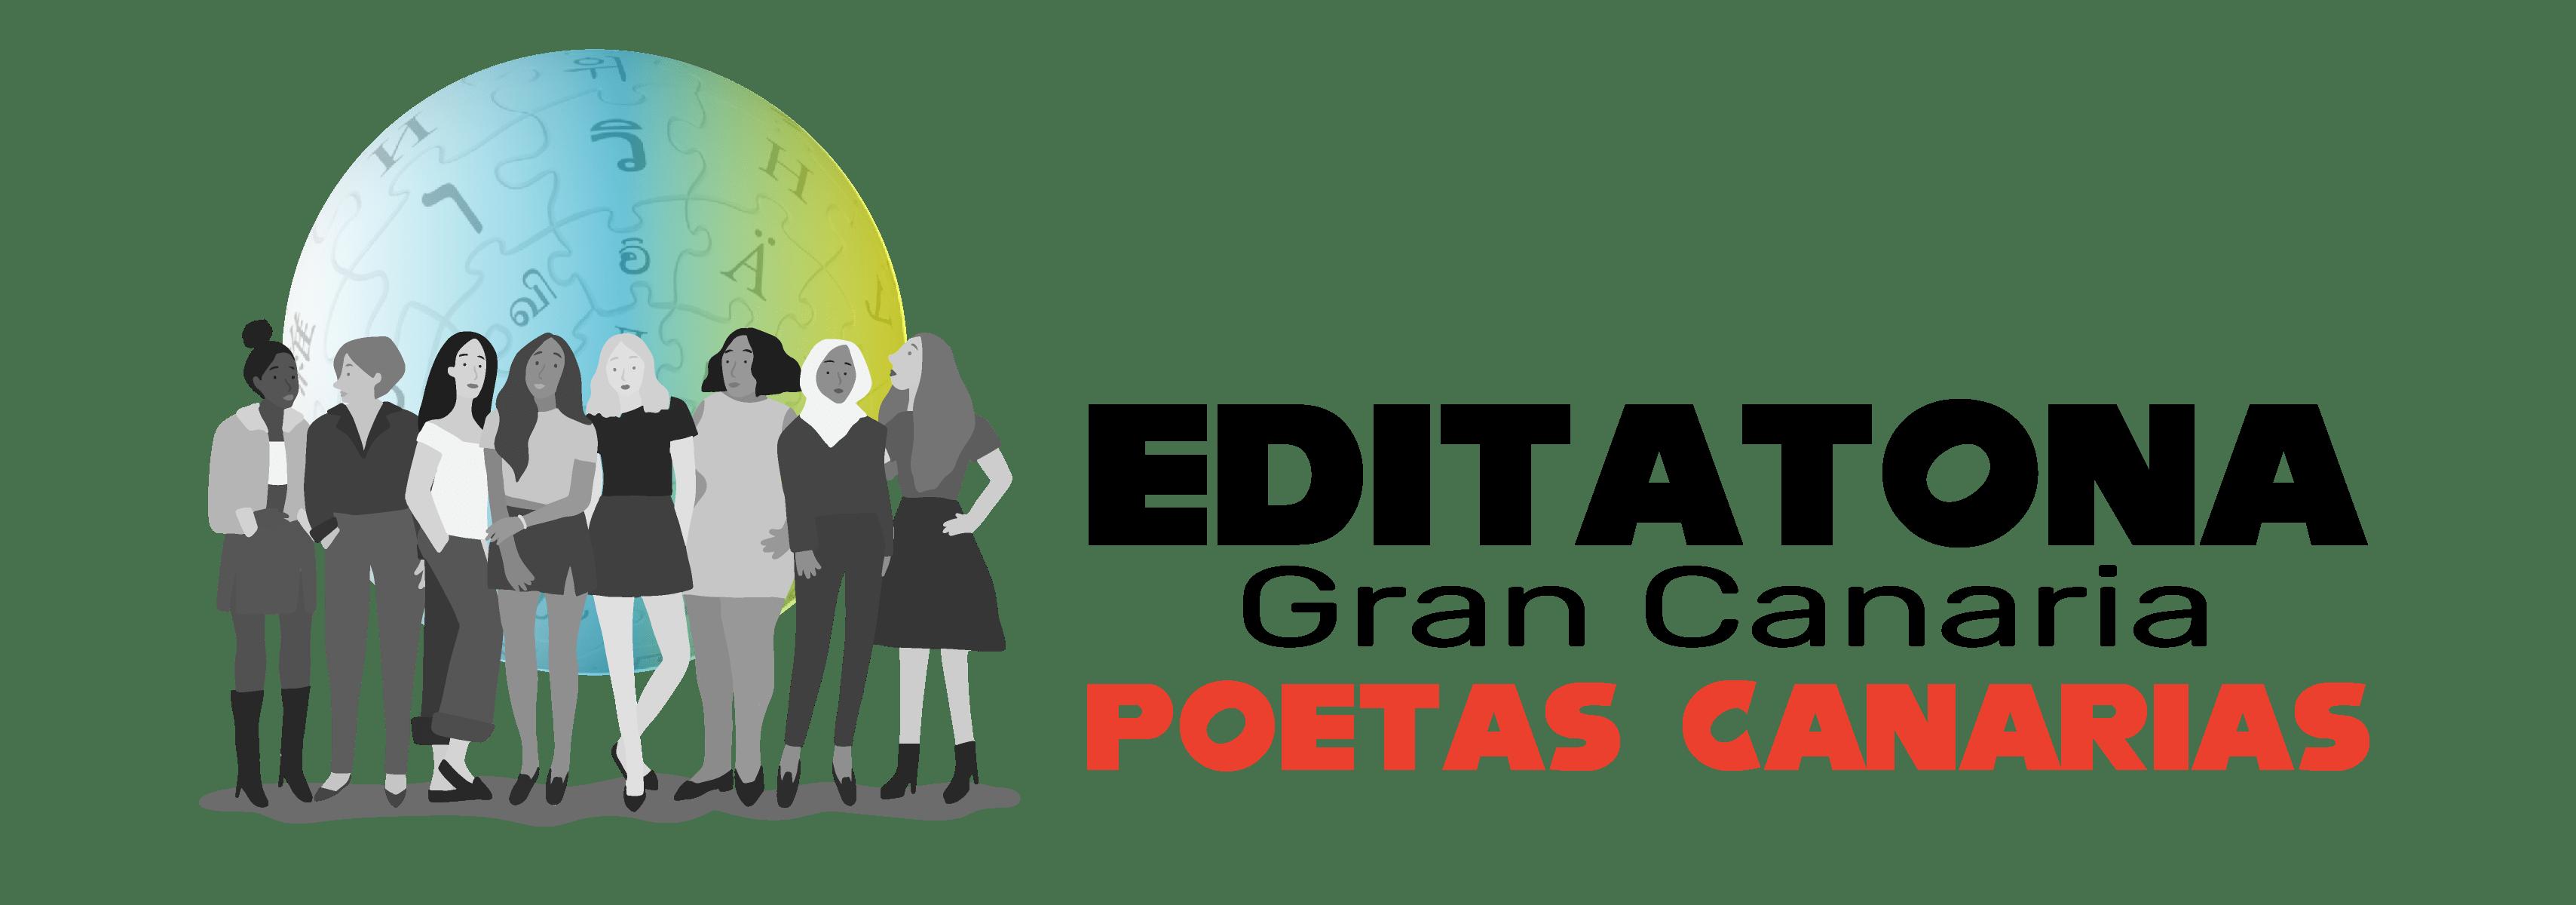 Logo de la Editatona Gran Canaria Edición Poetas Canarias